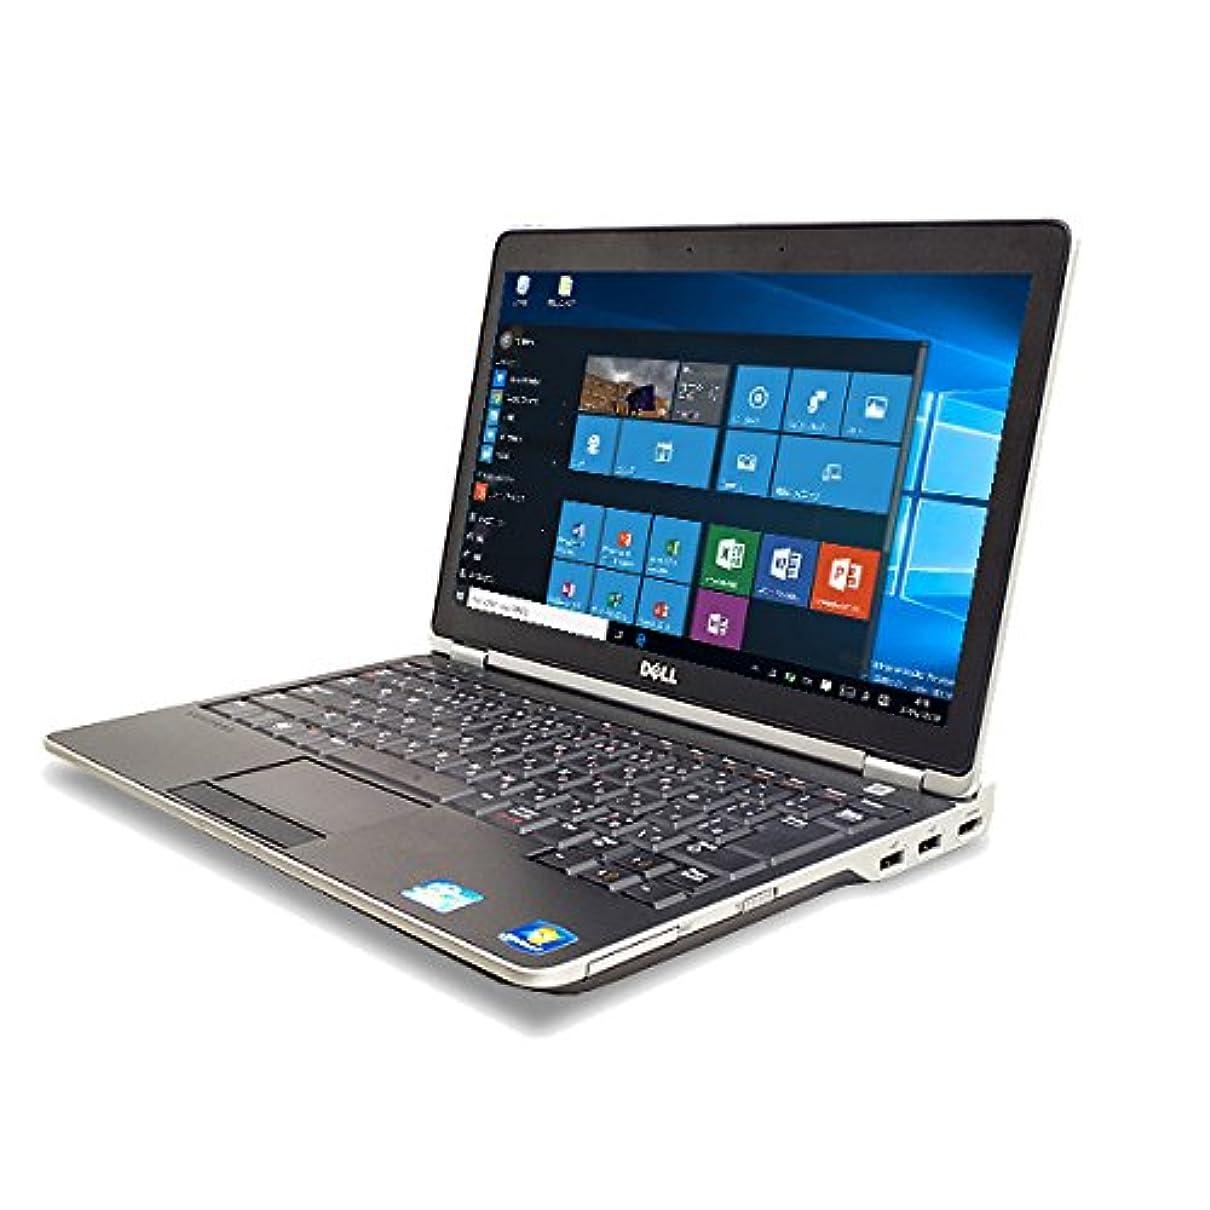 こねるミリメートル負担中古 DELL Latitude E6220 3GBメモリ Corei5 250GB 無線LAN 外付けDVDドライブ 12.5型LED液晶 HDMI Windows7Pro KingsoftOffice付(2013)